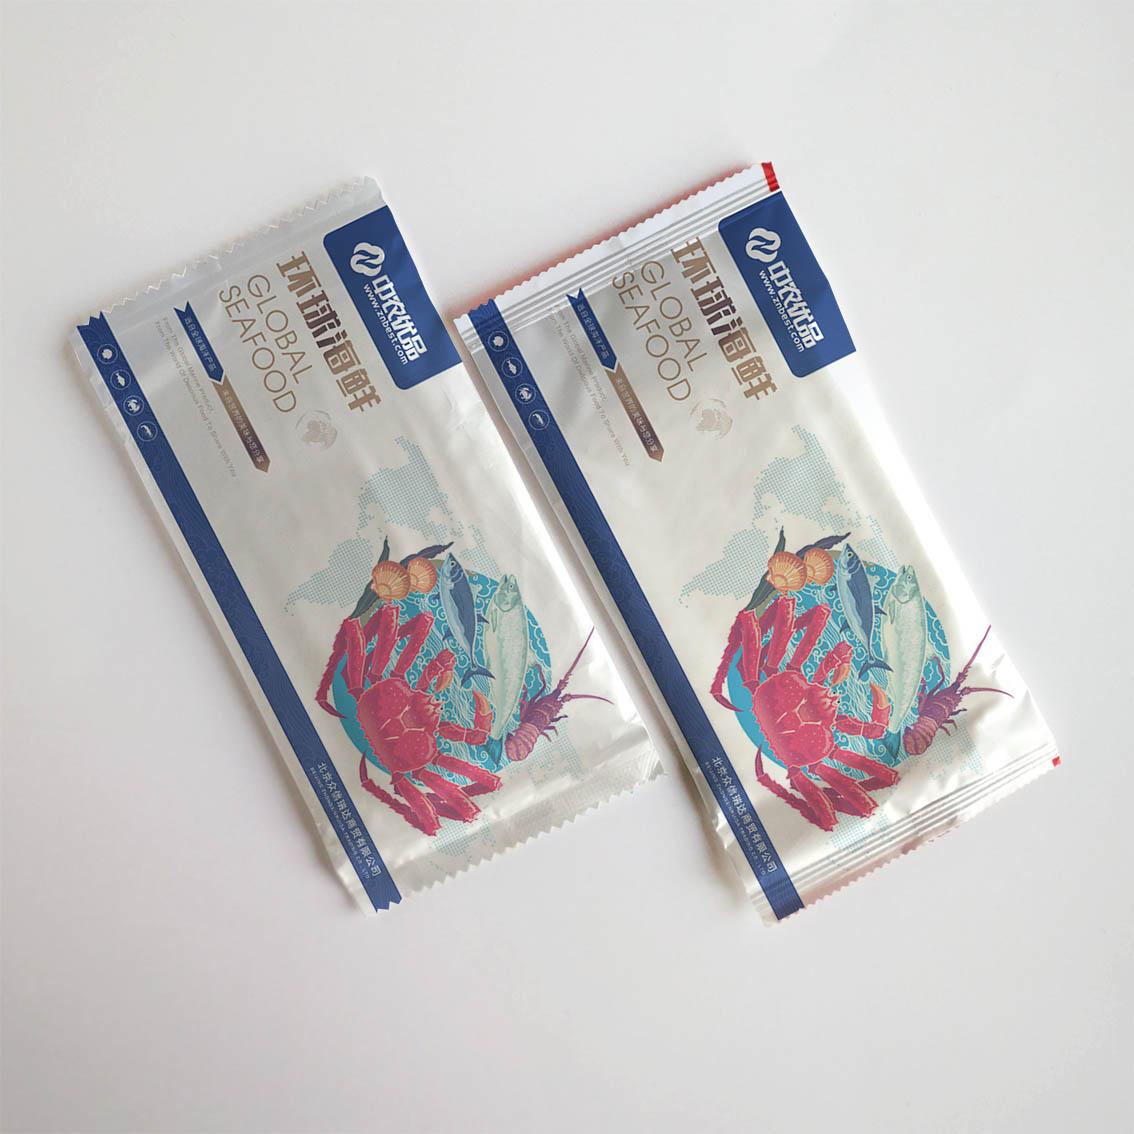 成都华丰纸品厂促销定制广告宣传湿纸巾+餐巾纸印制